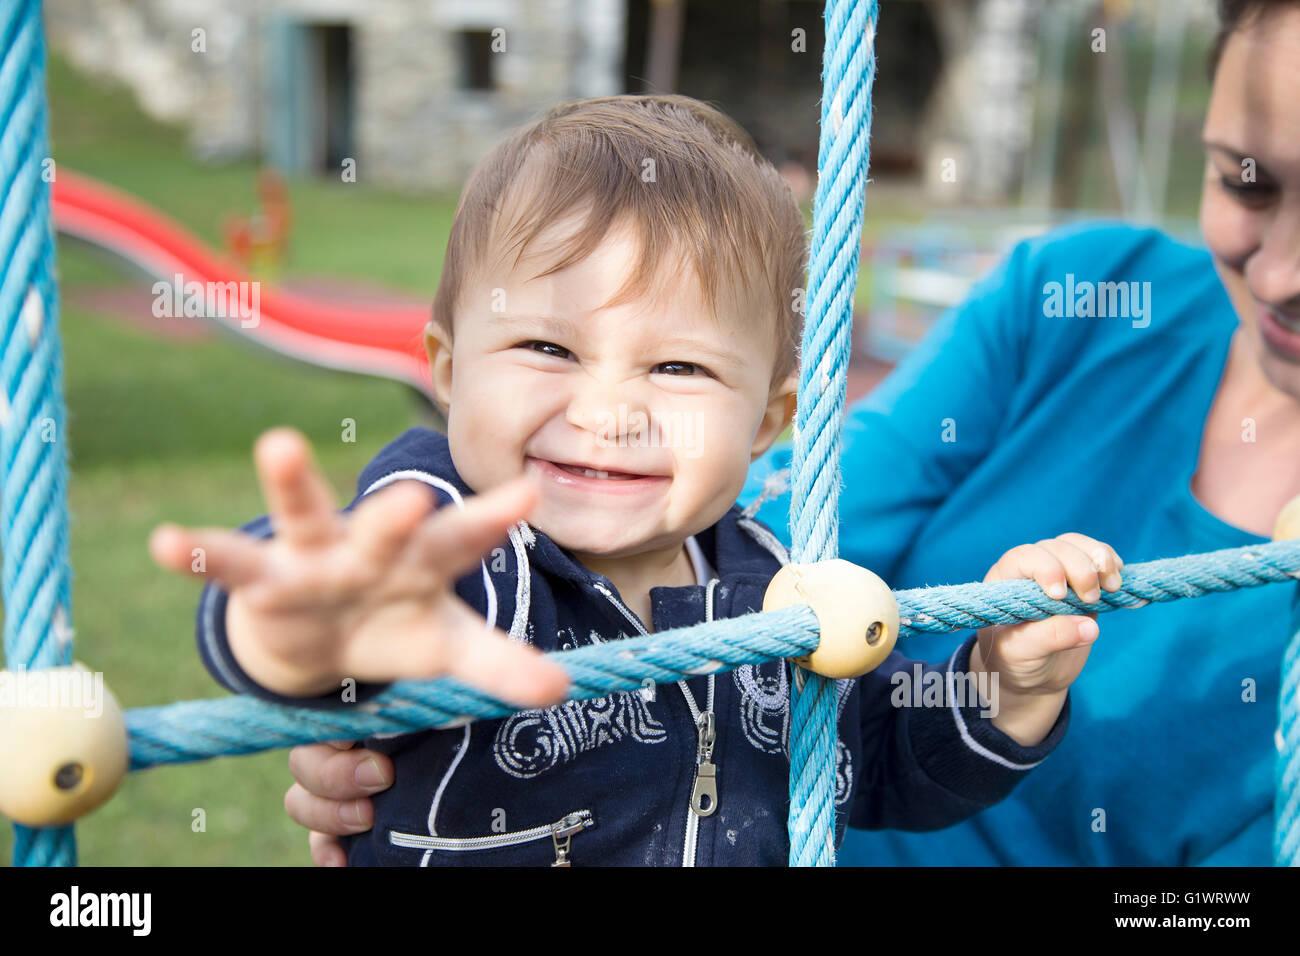 Mutter mit einjährige Tochter ziehen den Arm beim Blick in die Kamera Stockfoto